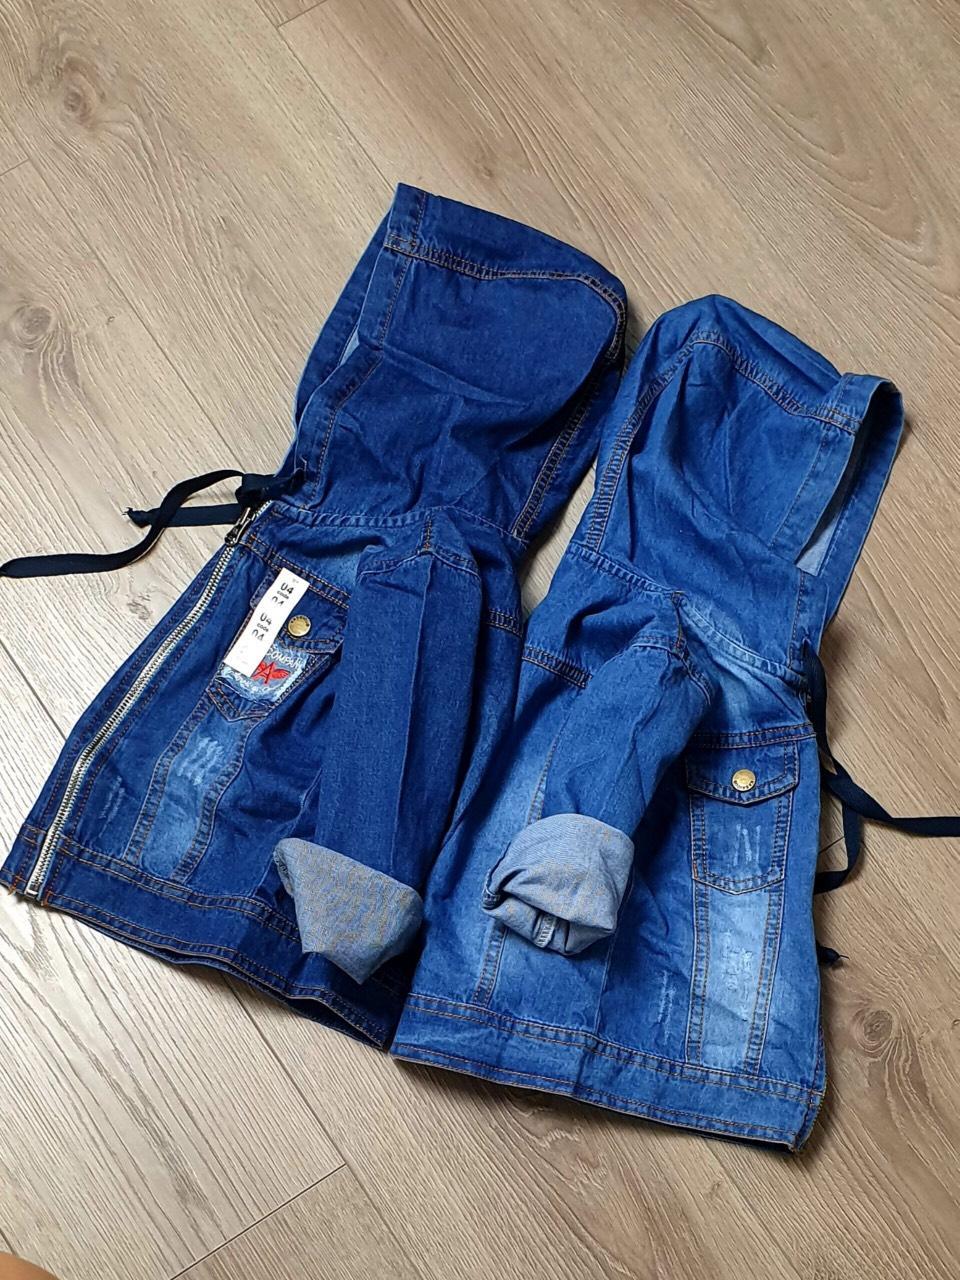 Áo khoác jeans có nón, áo khoác jeans cho bé trai bé gái